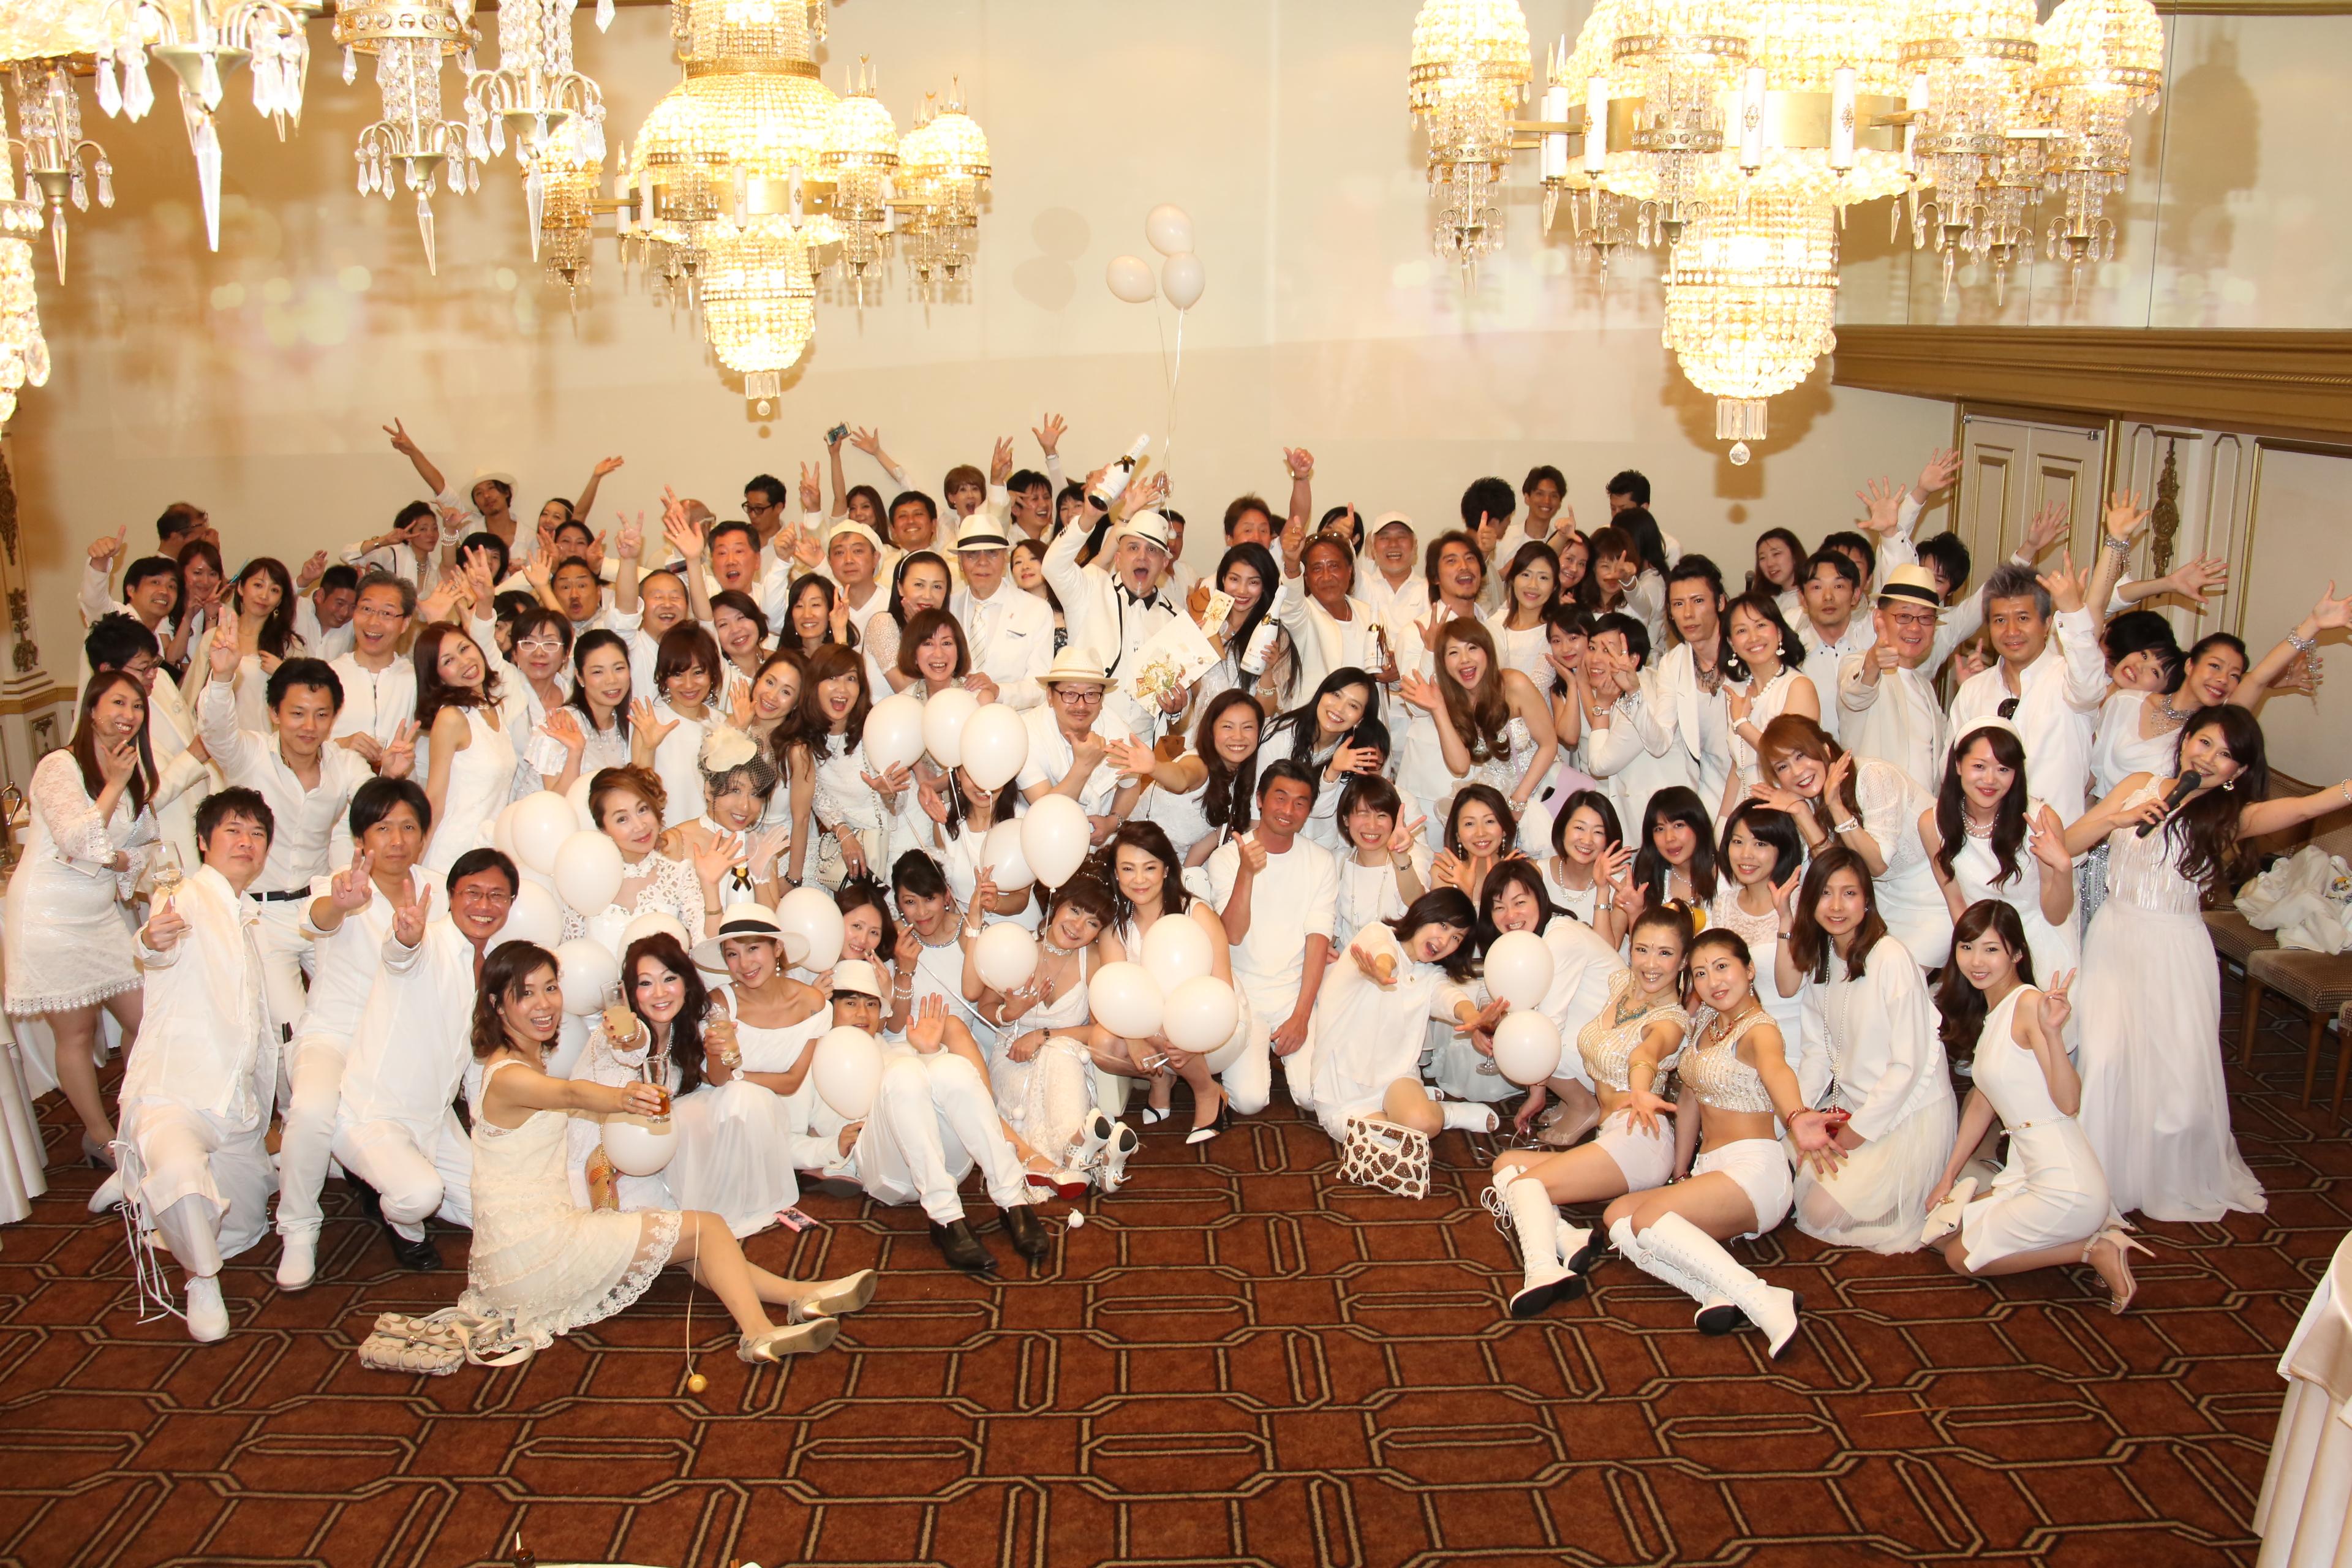 62e215891f54a  写真 2017年5月4日(木・祝) ホワイトパーティー@東京タワーの開催報告. 2017.05.05 white-party